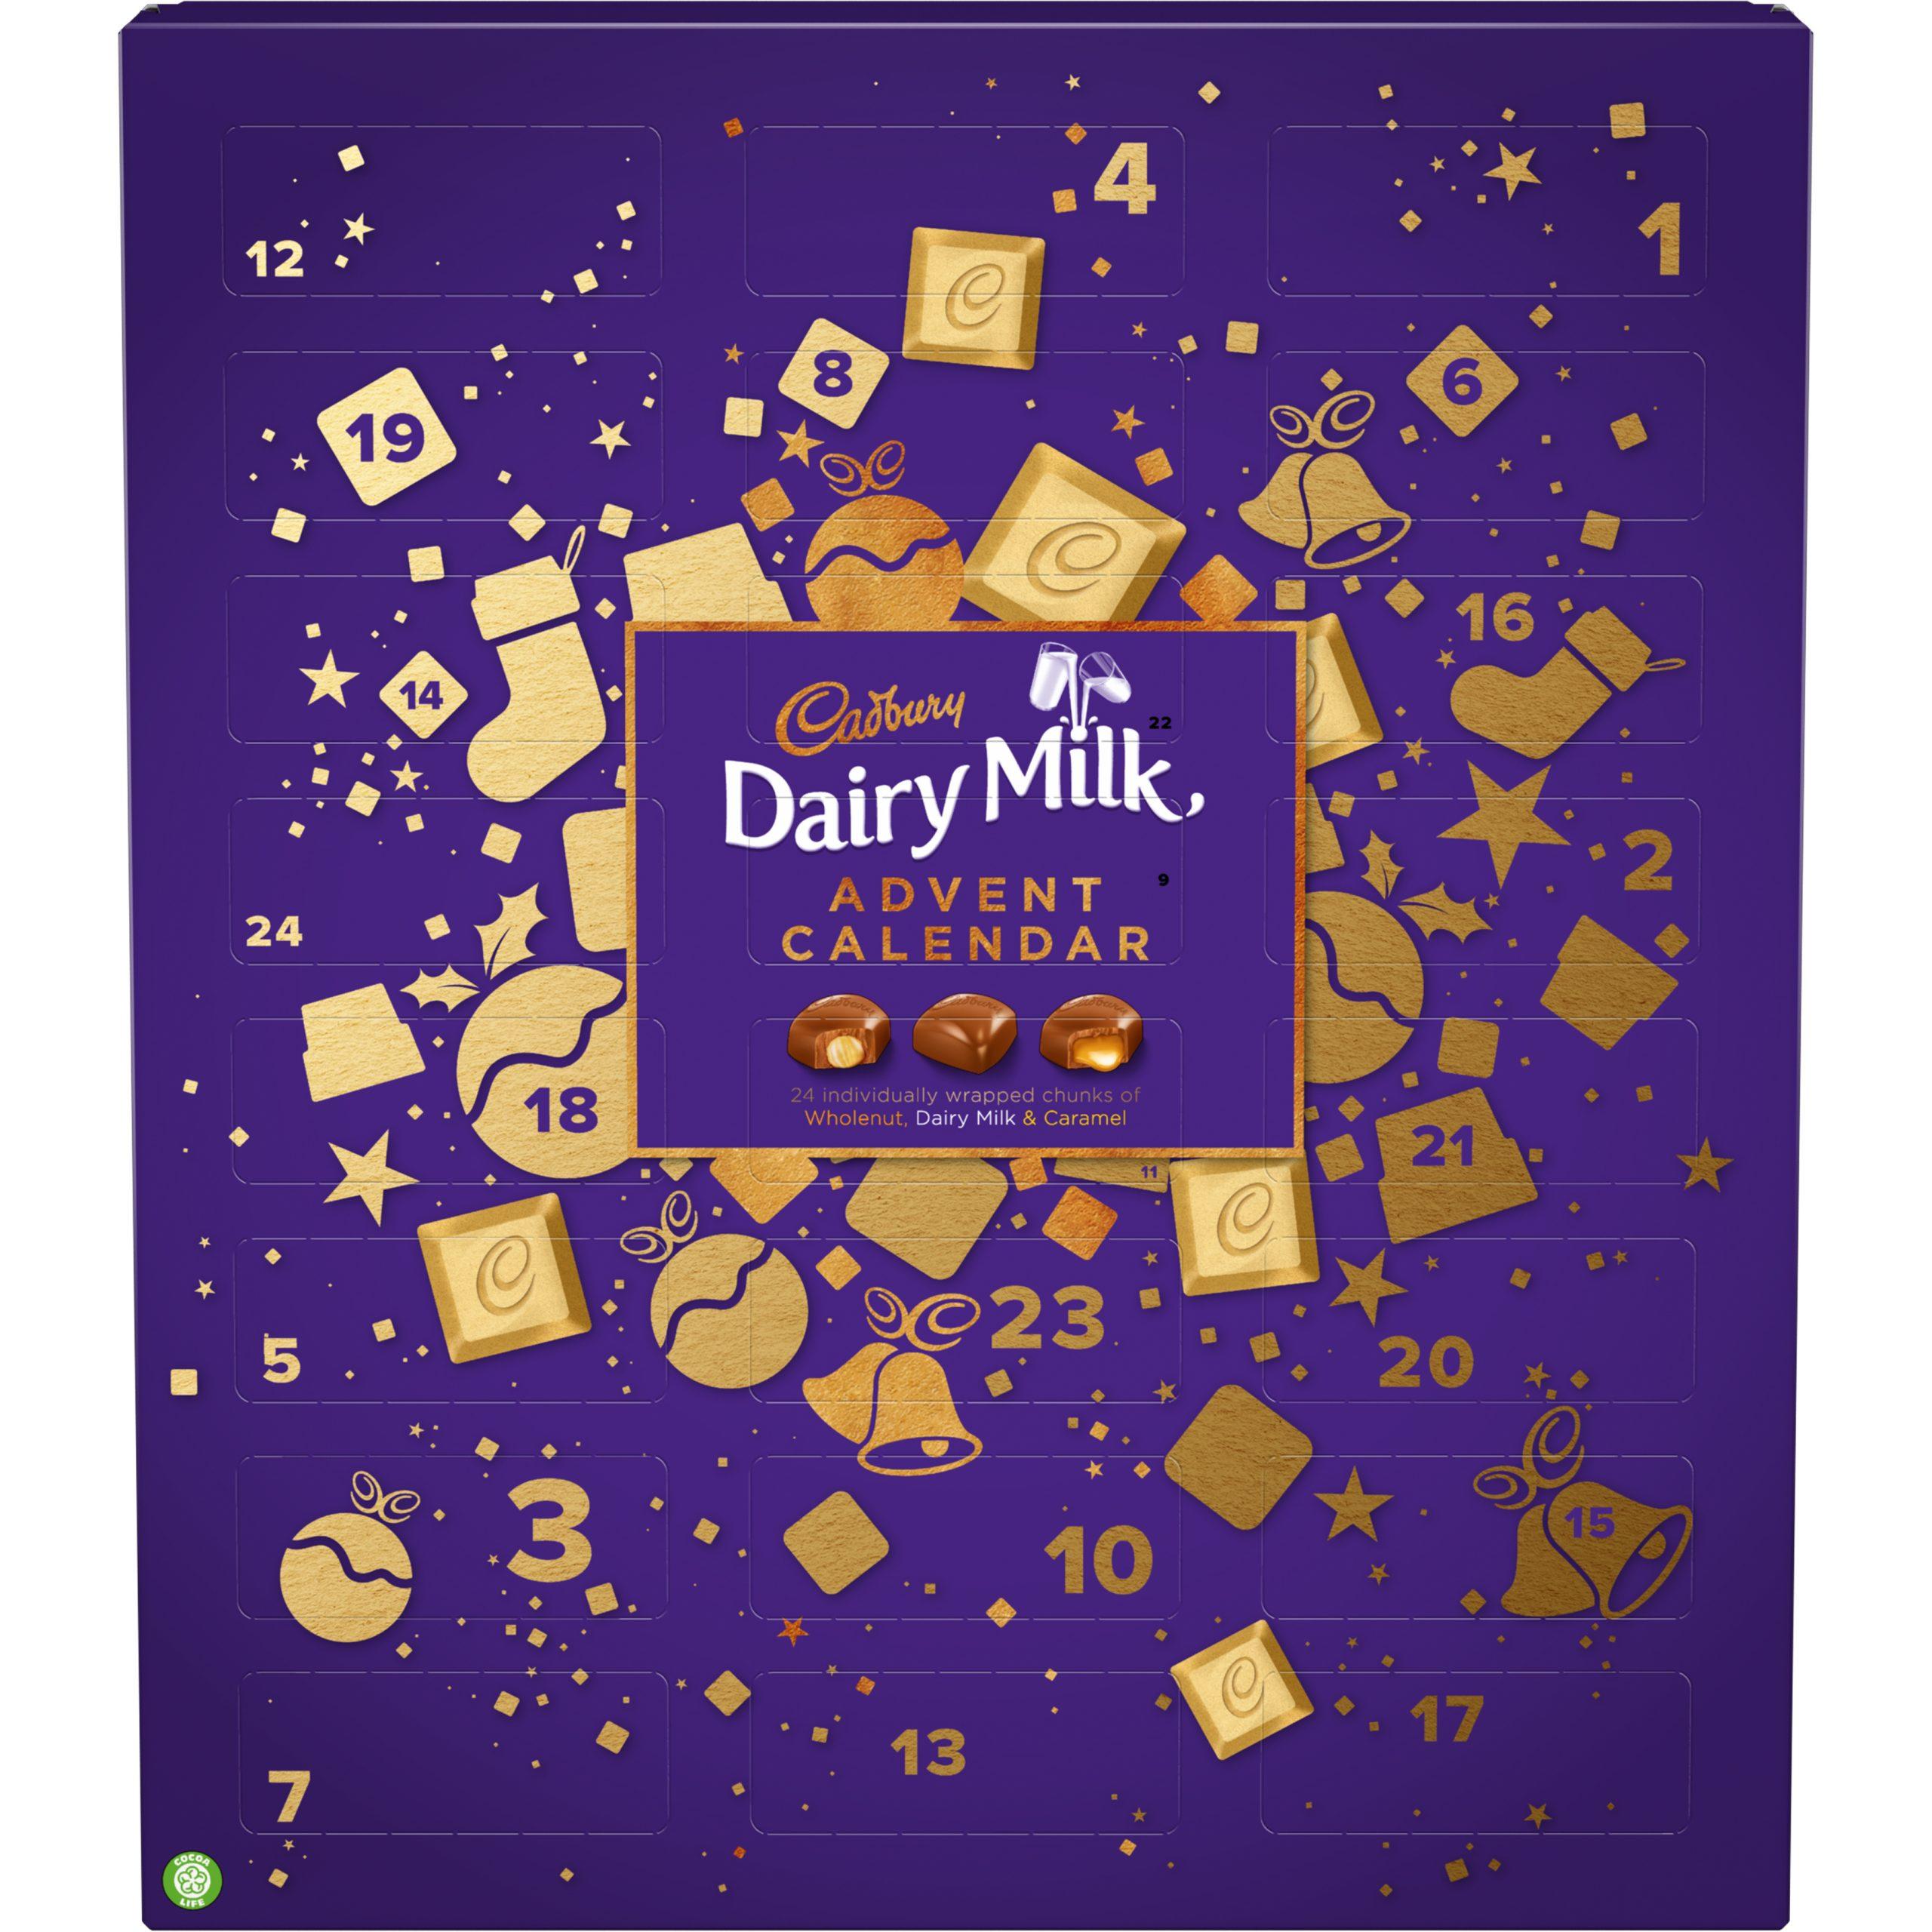 Dairy Milk Chunks Advent Carton Calendar 2020